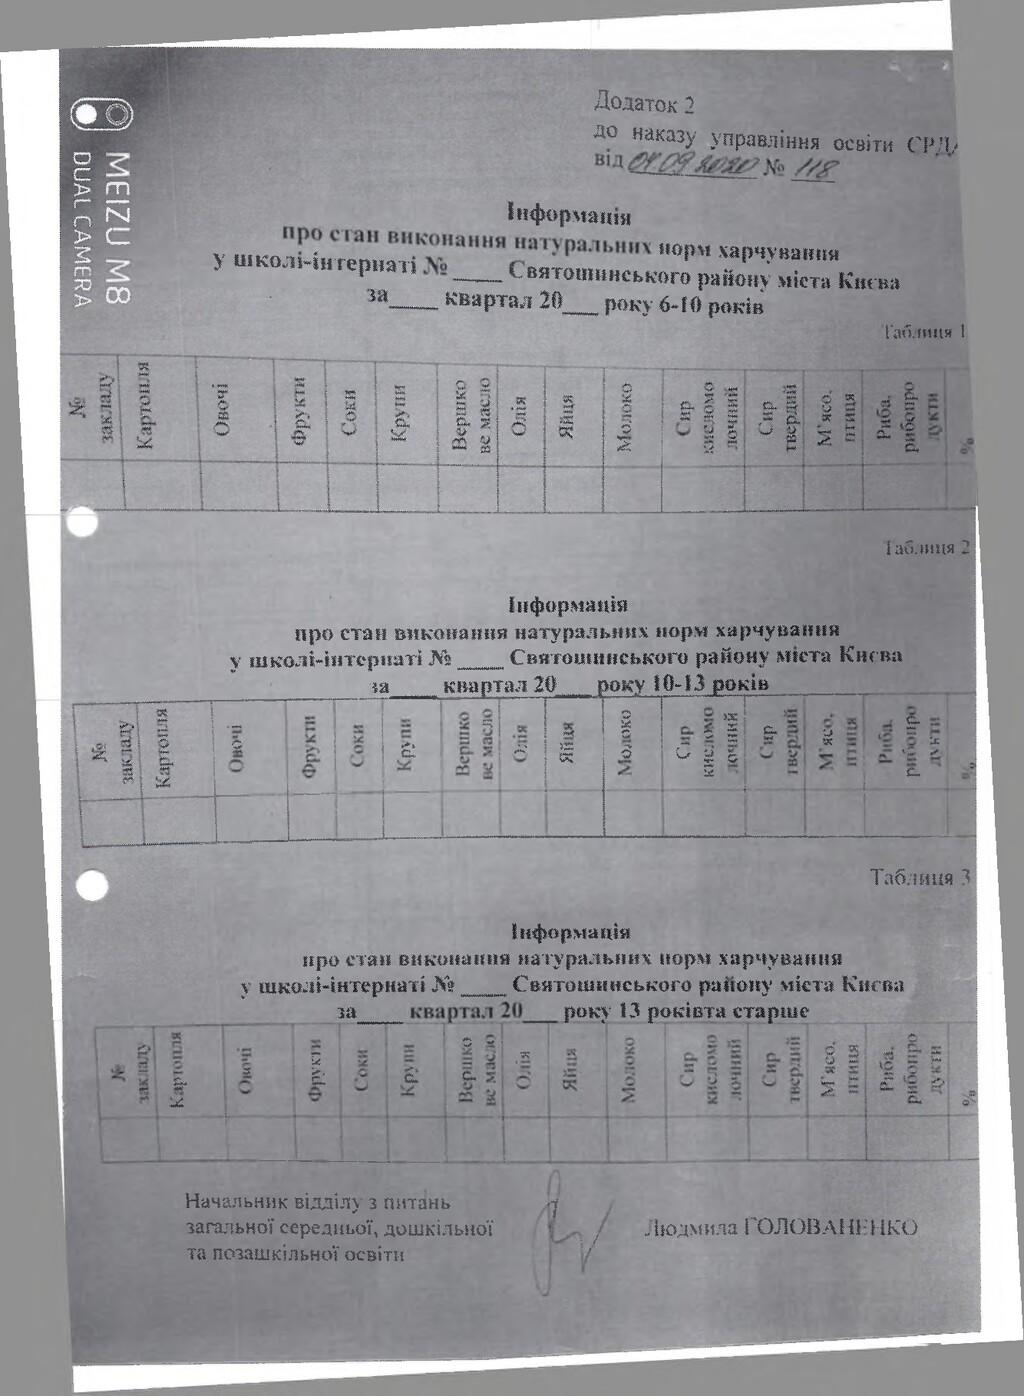 Додаток 2 до наказу управління освіти (1ТМ/ г-»...